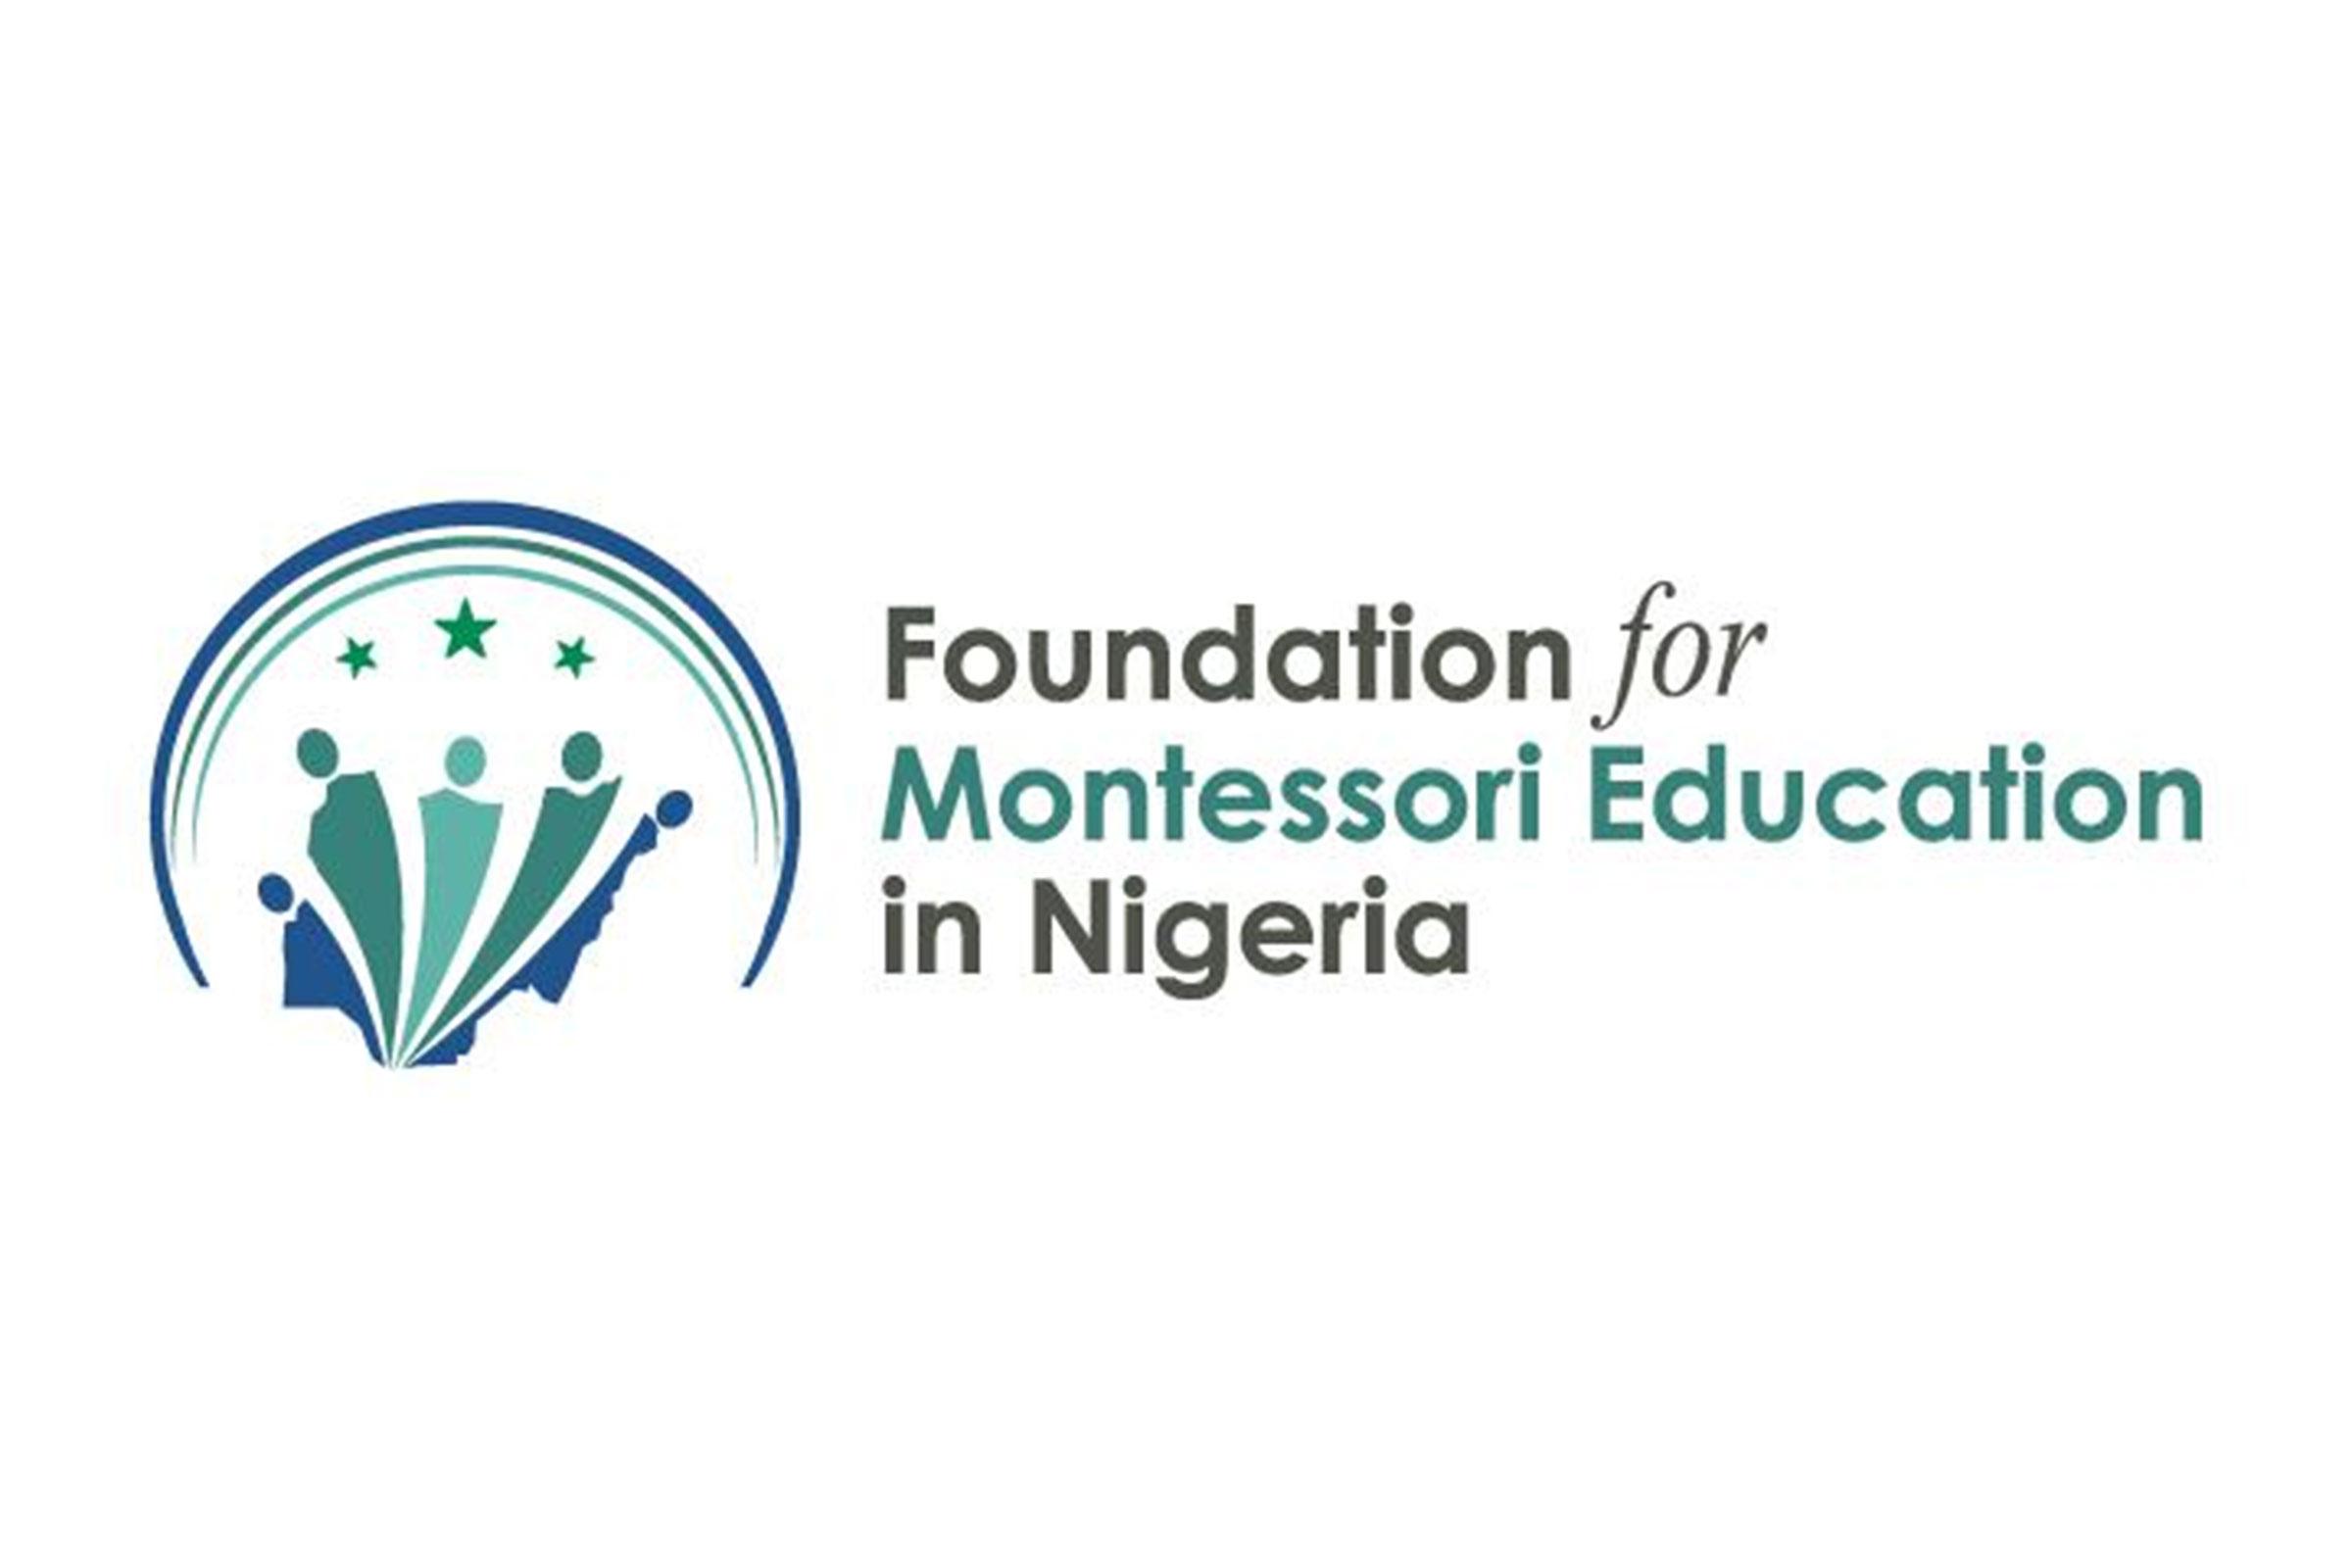 Foundation for Montessori Education in Nigeria logo